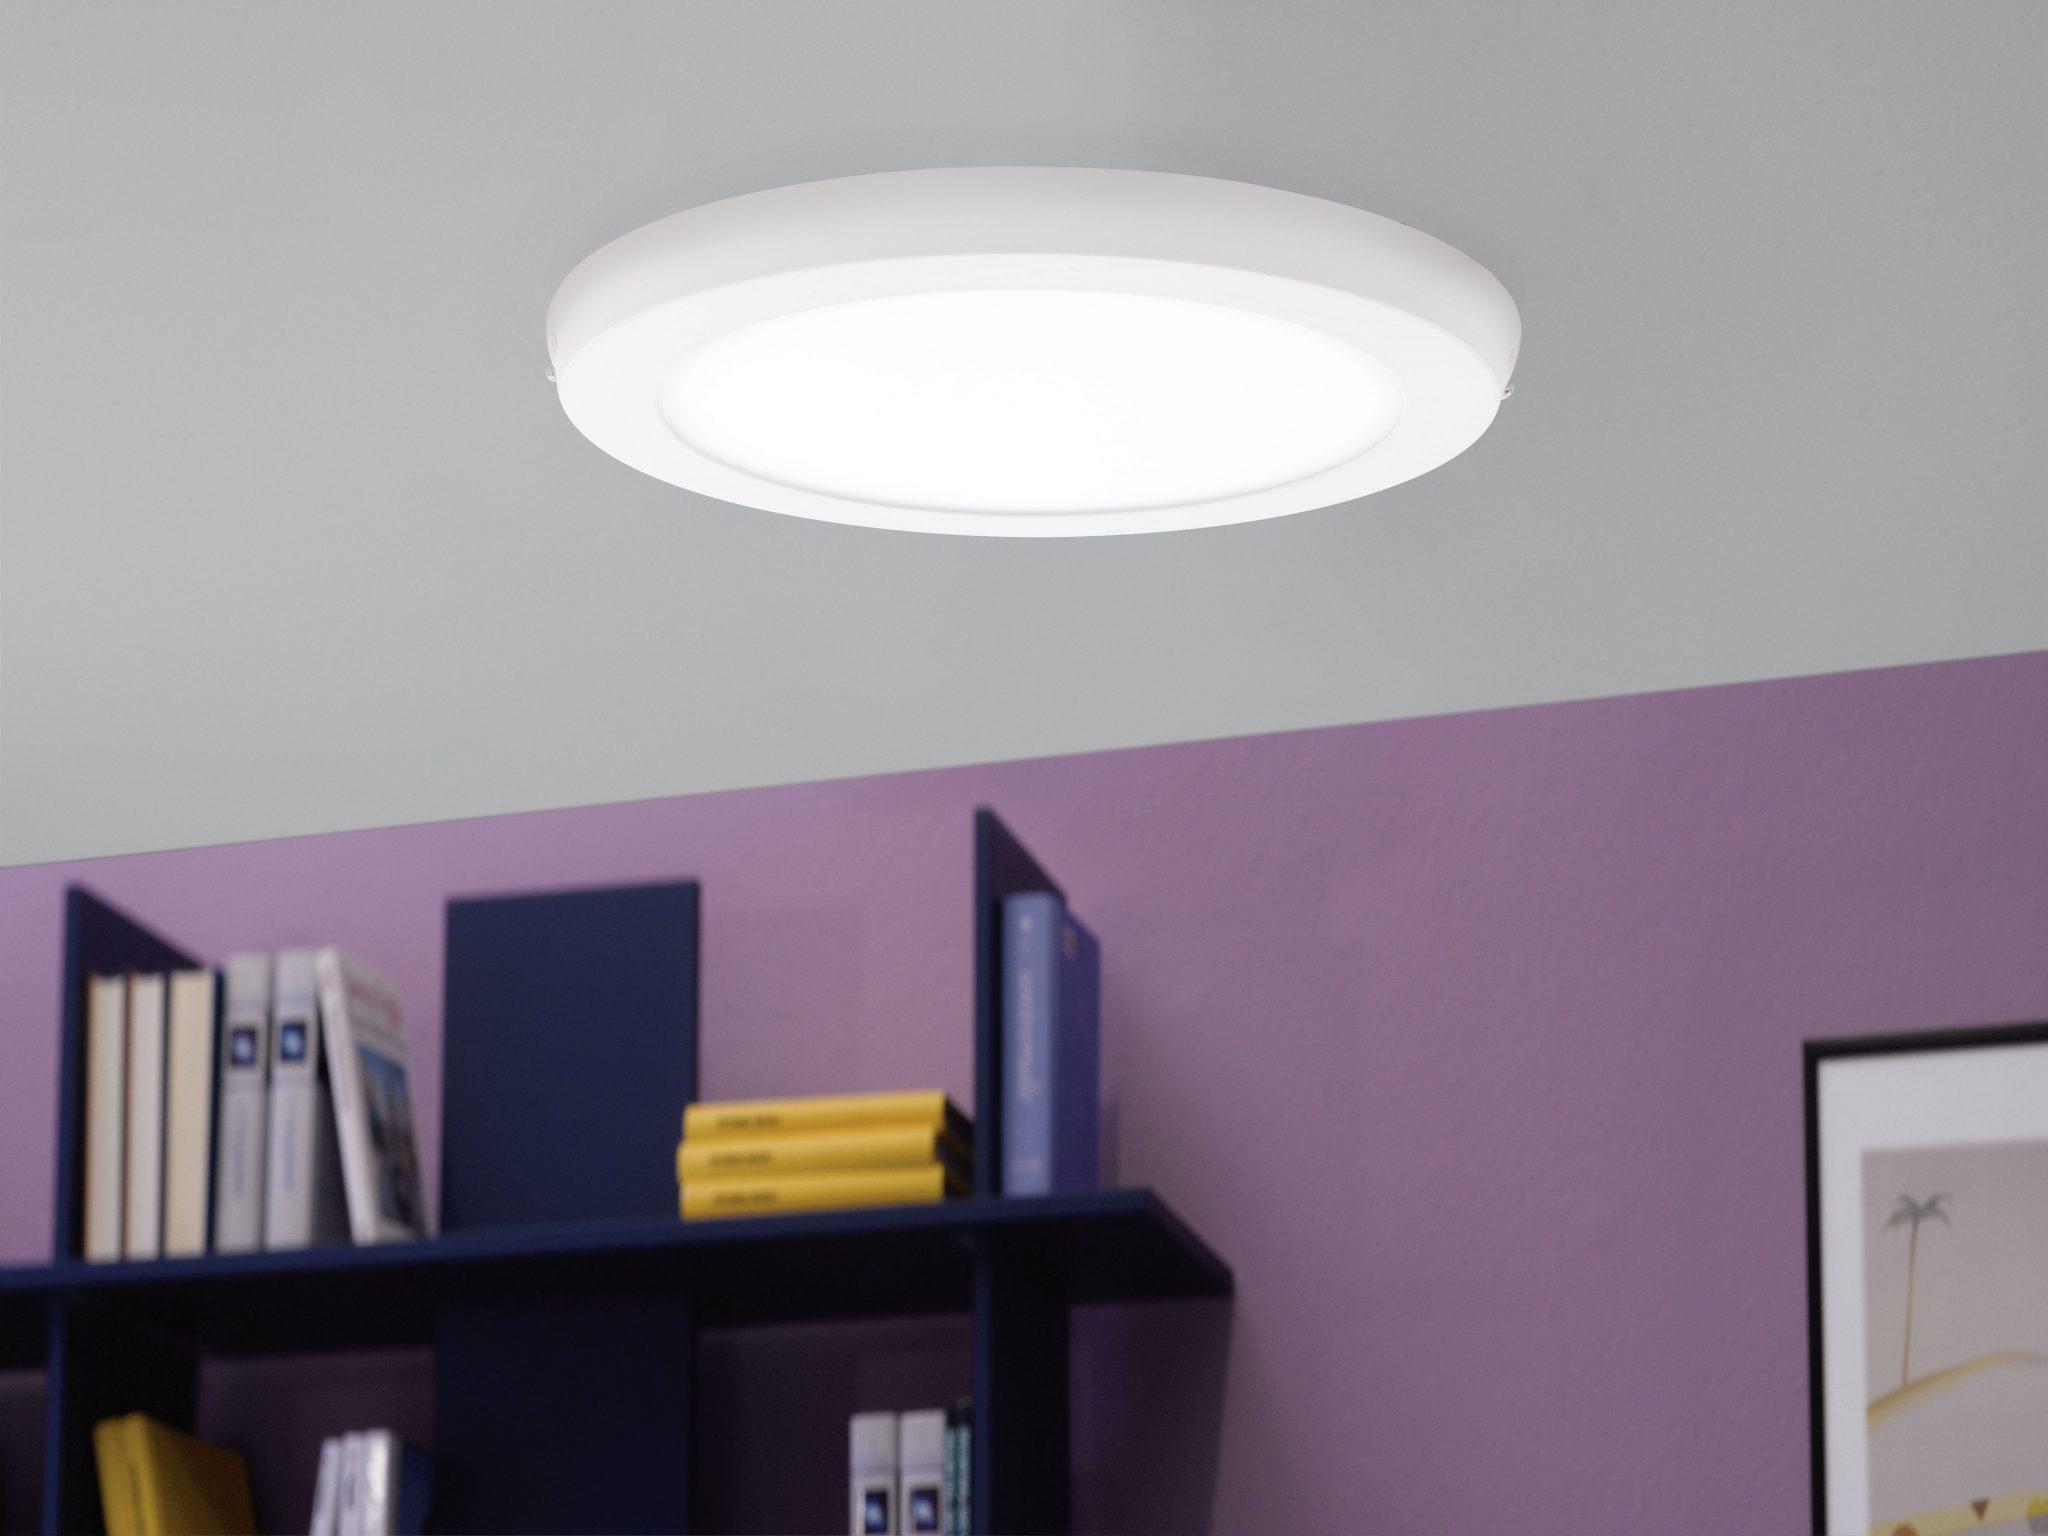 Светильник настенно-потолочный FUEVA 1 EGLO 94075 - Фото №30